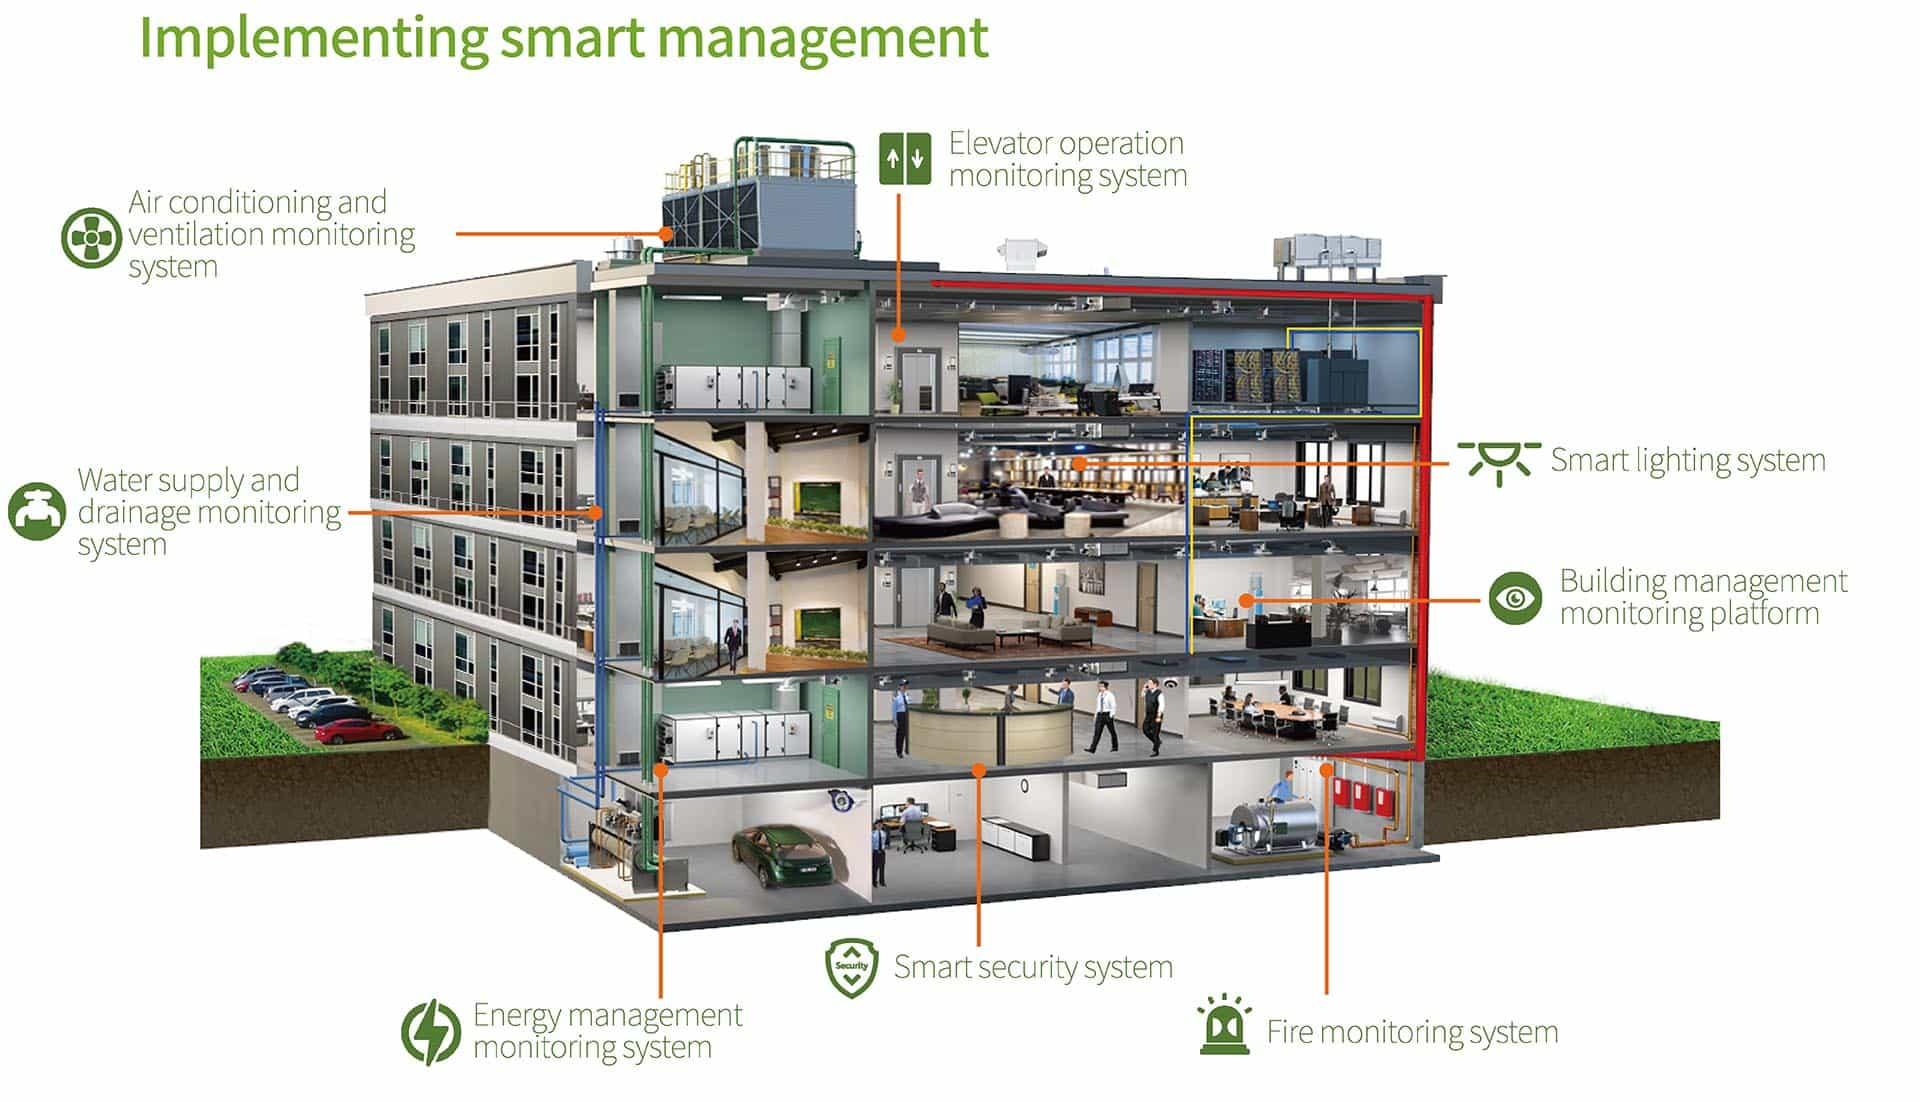 سیستم مدیریت ساختمان یا BMS | هر آنچه در مورد مدیریت ساختمان باید بدانیم | خانه هوشمند زوریل